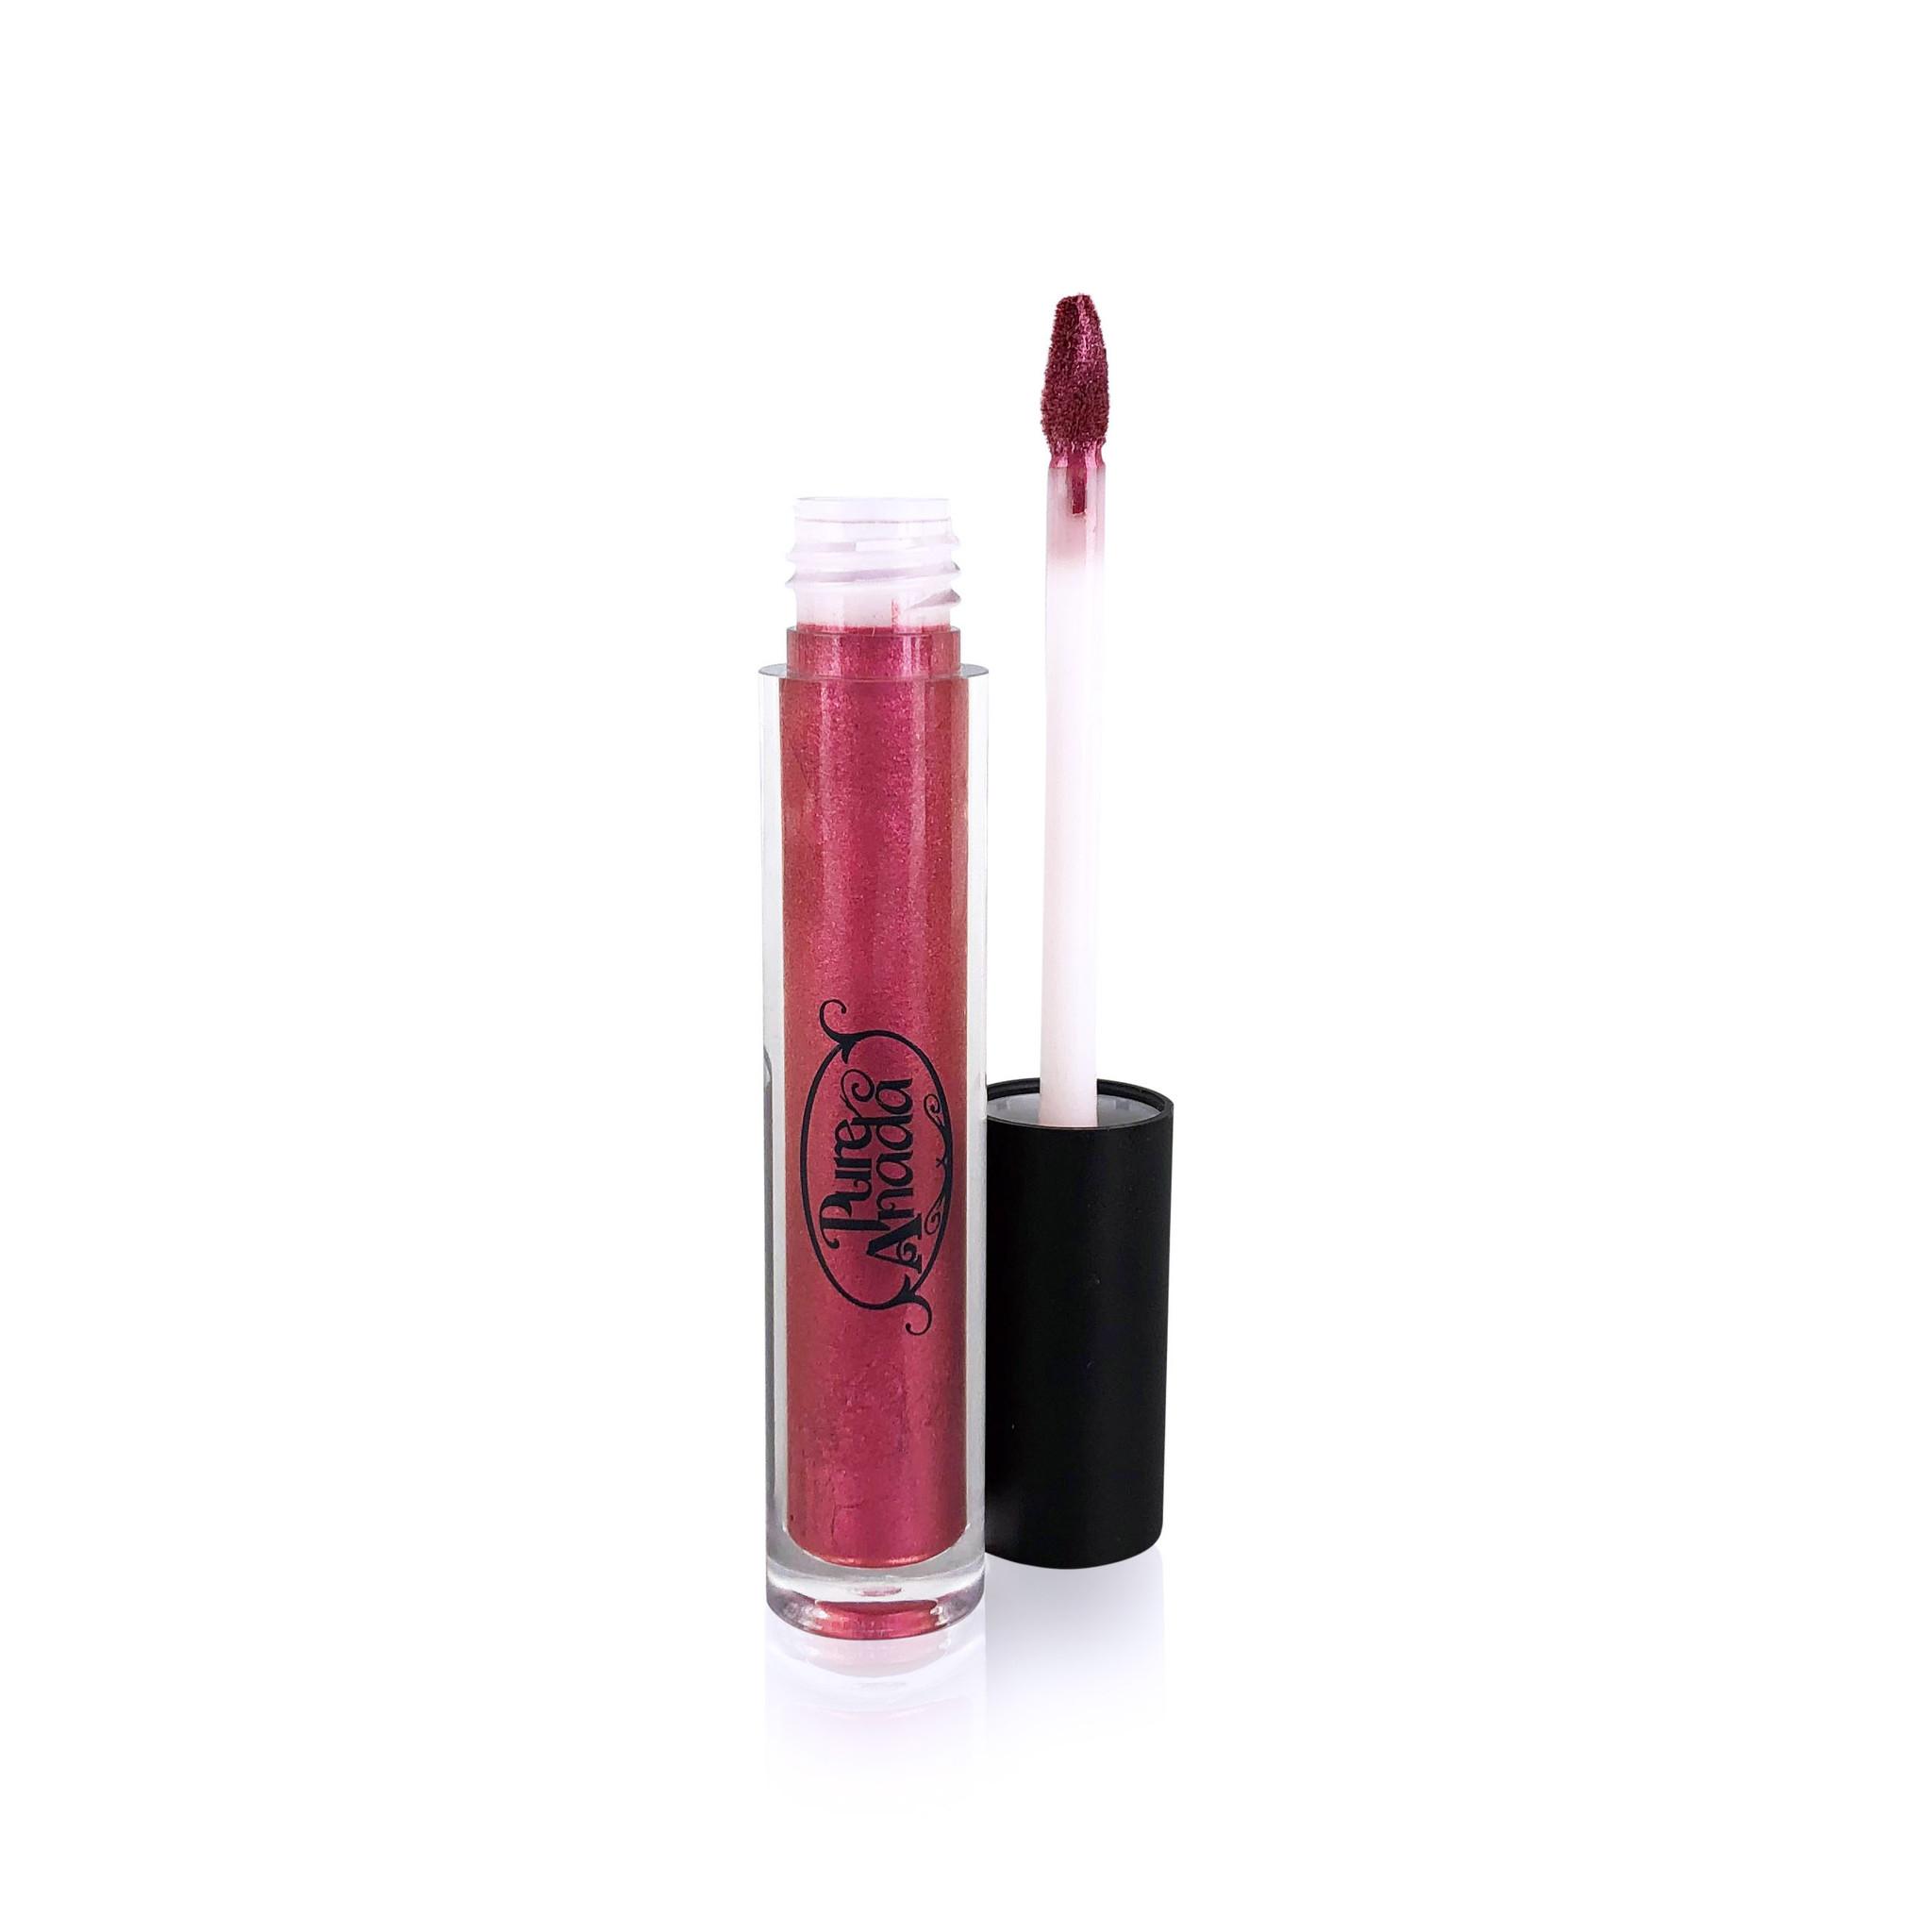 Glisten Mineral Lip Gloss - Rubellite-2